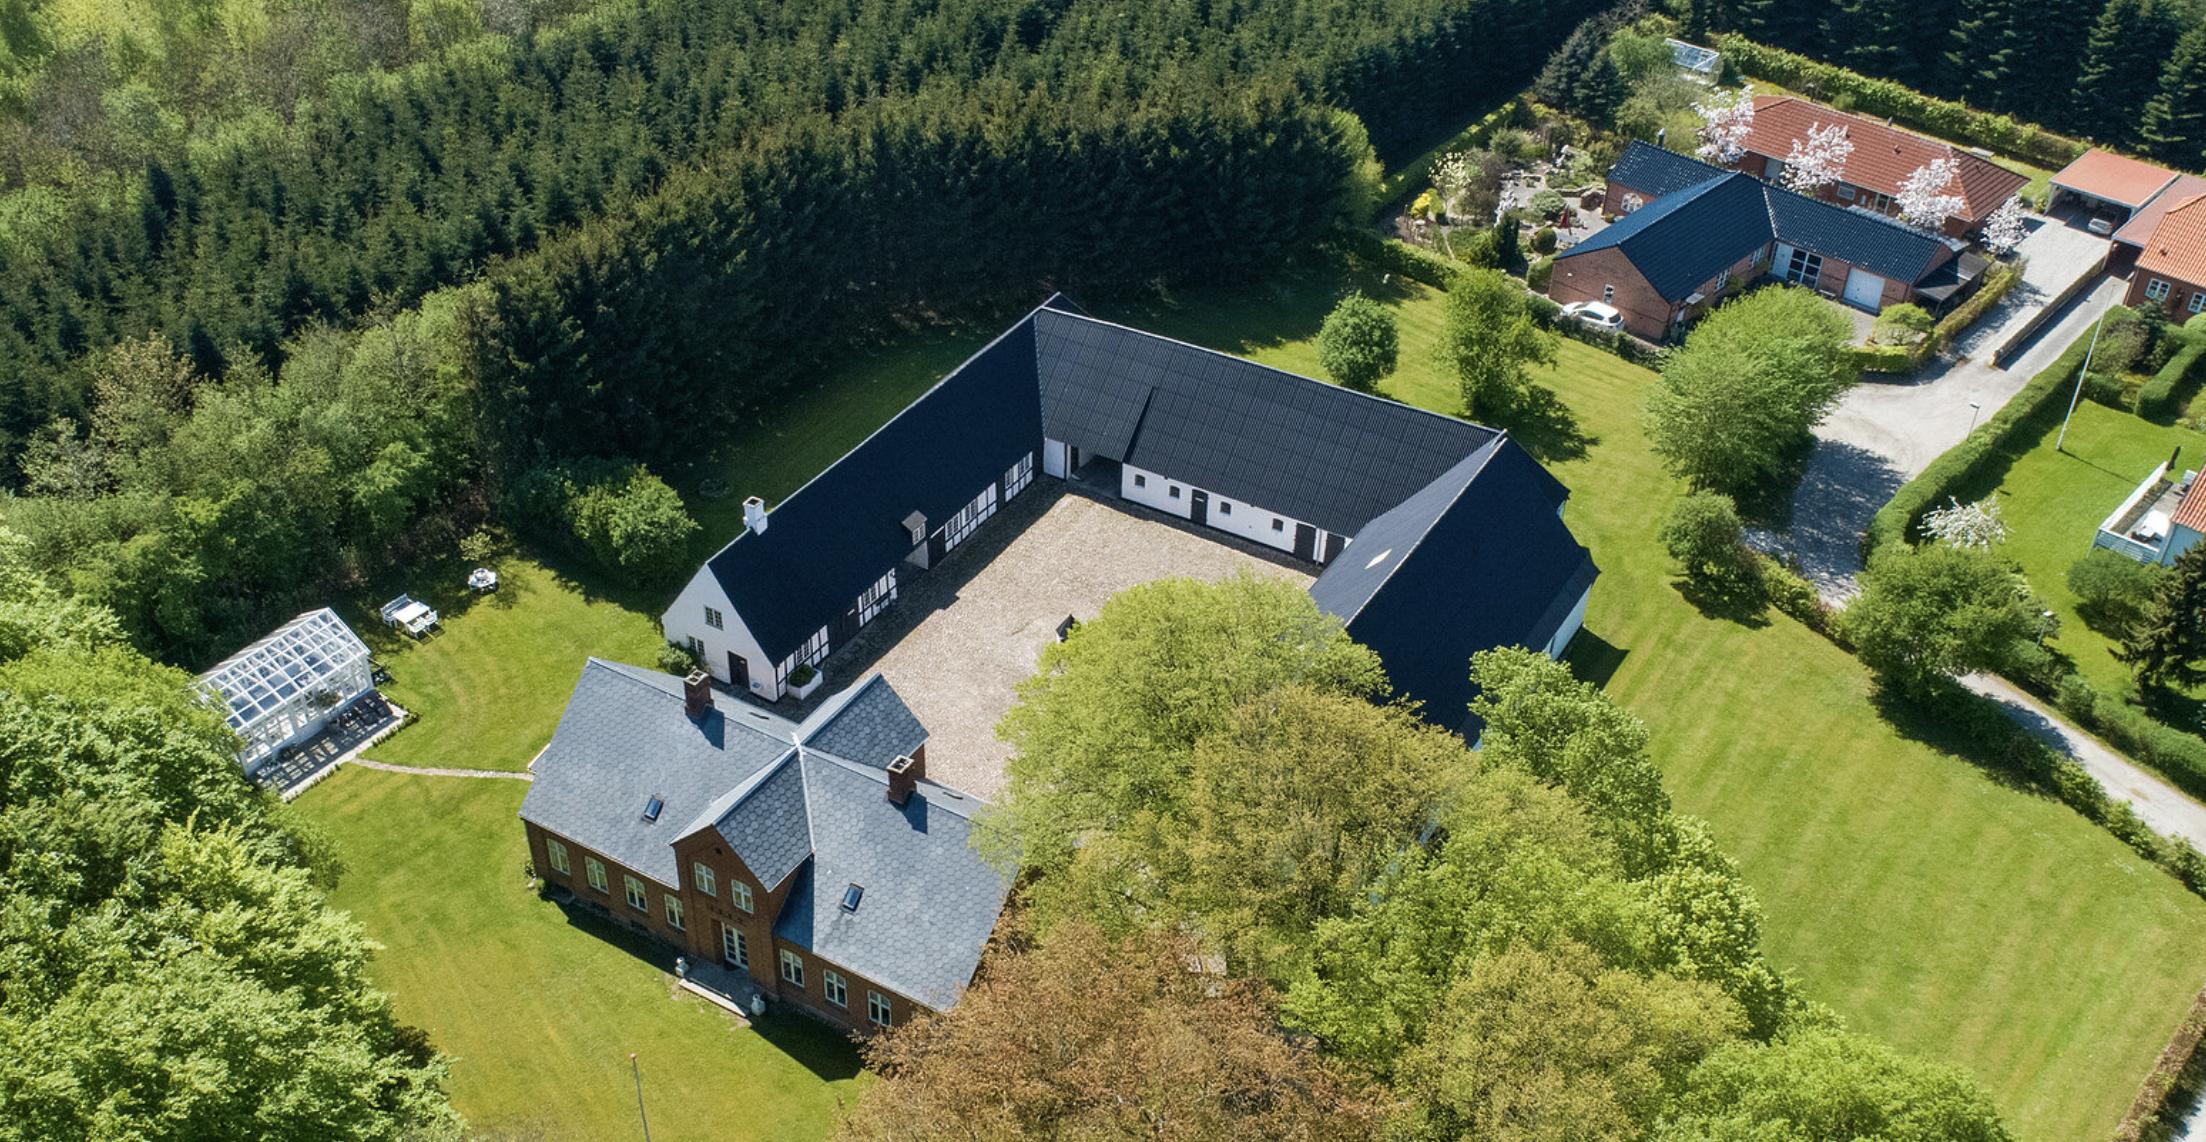 Kun fra luften kan man få hele gården med på denne pragtfulde ejendom